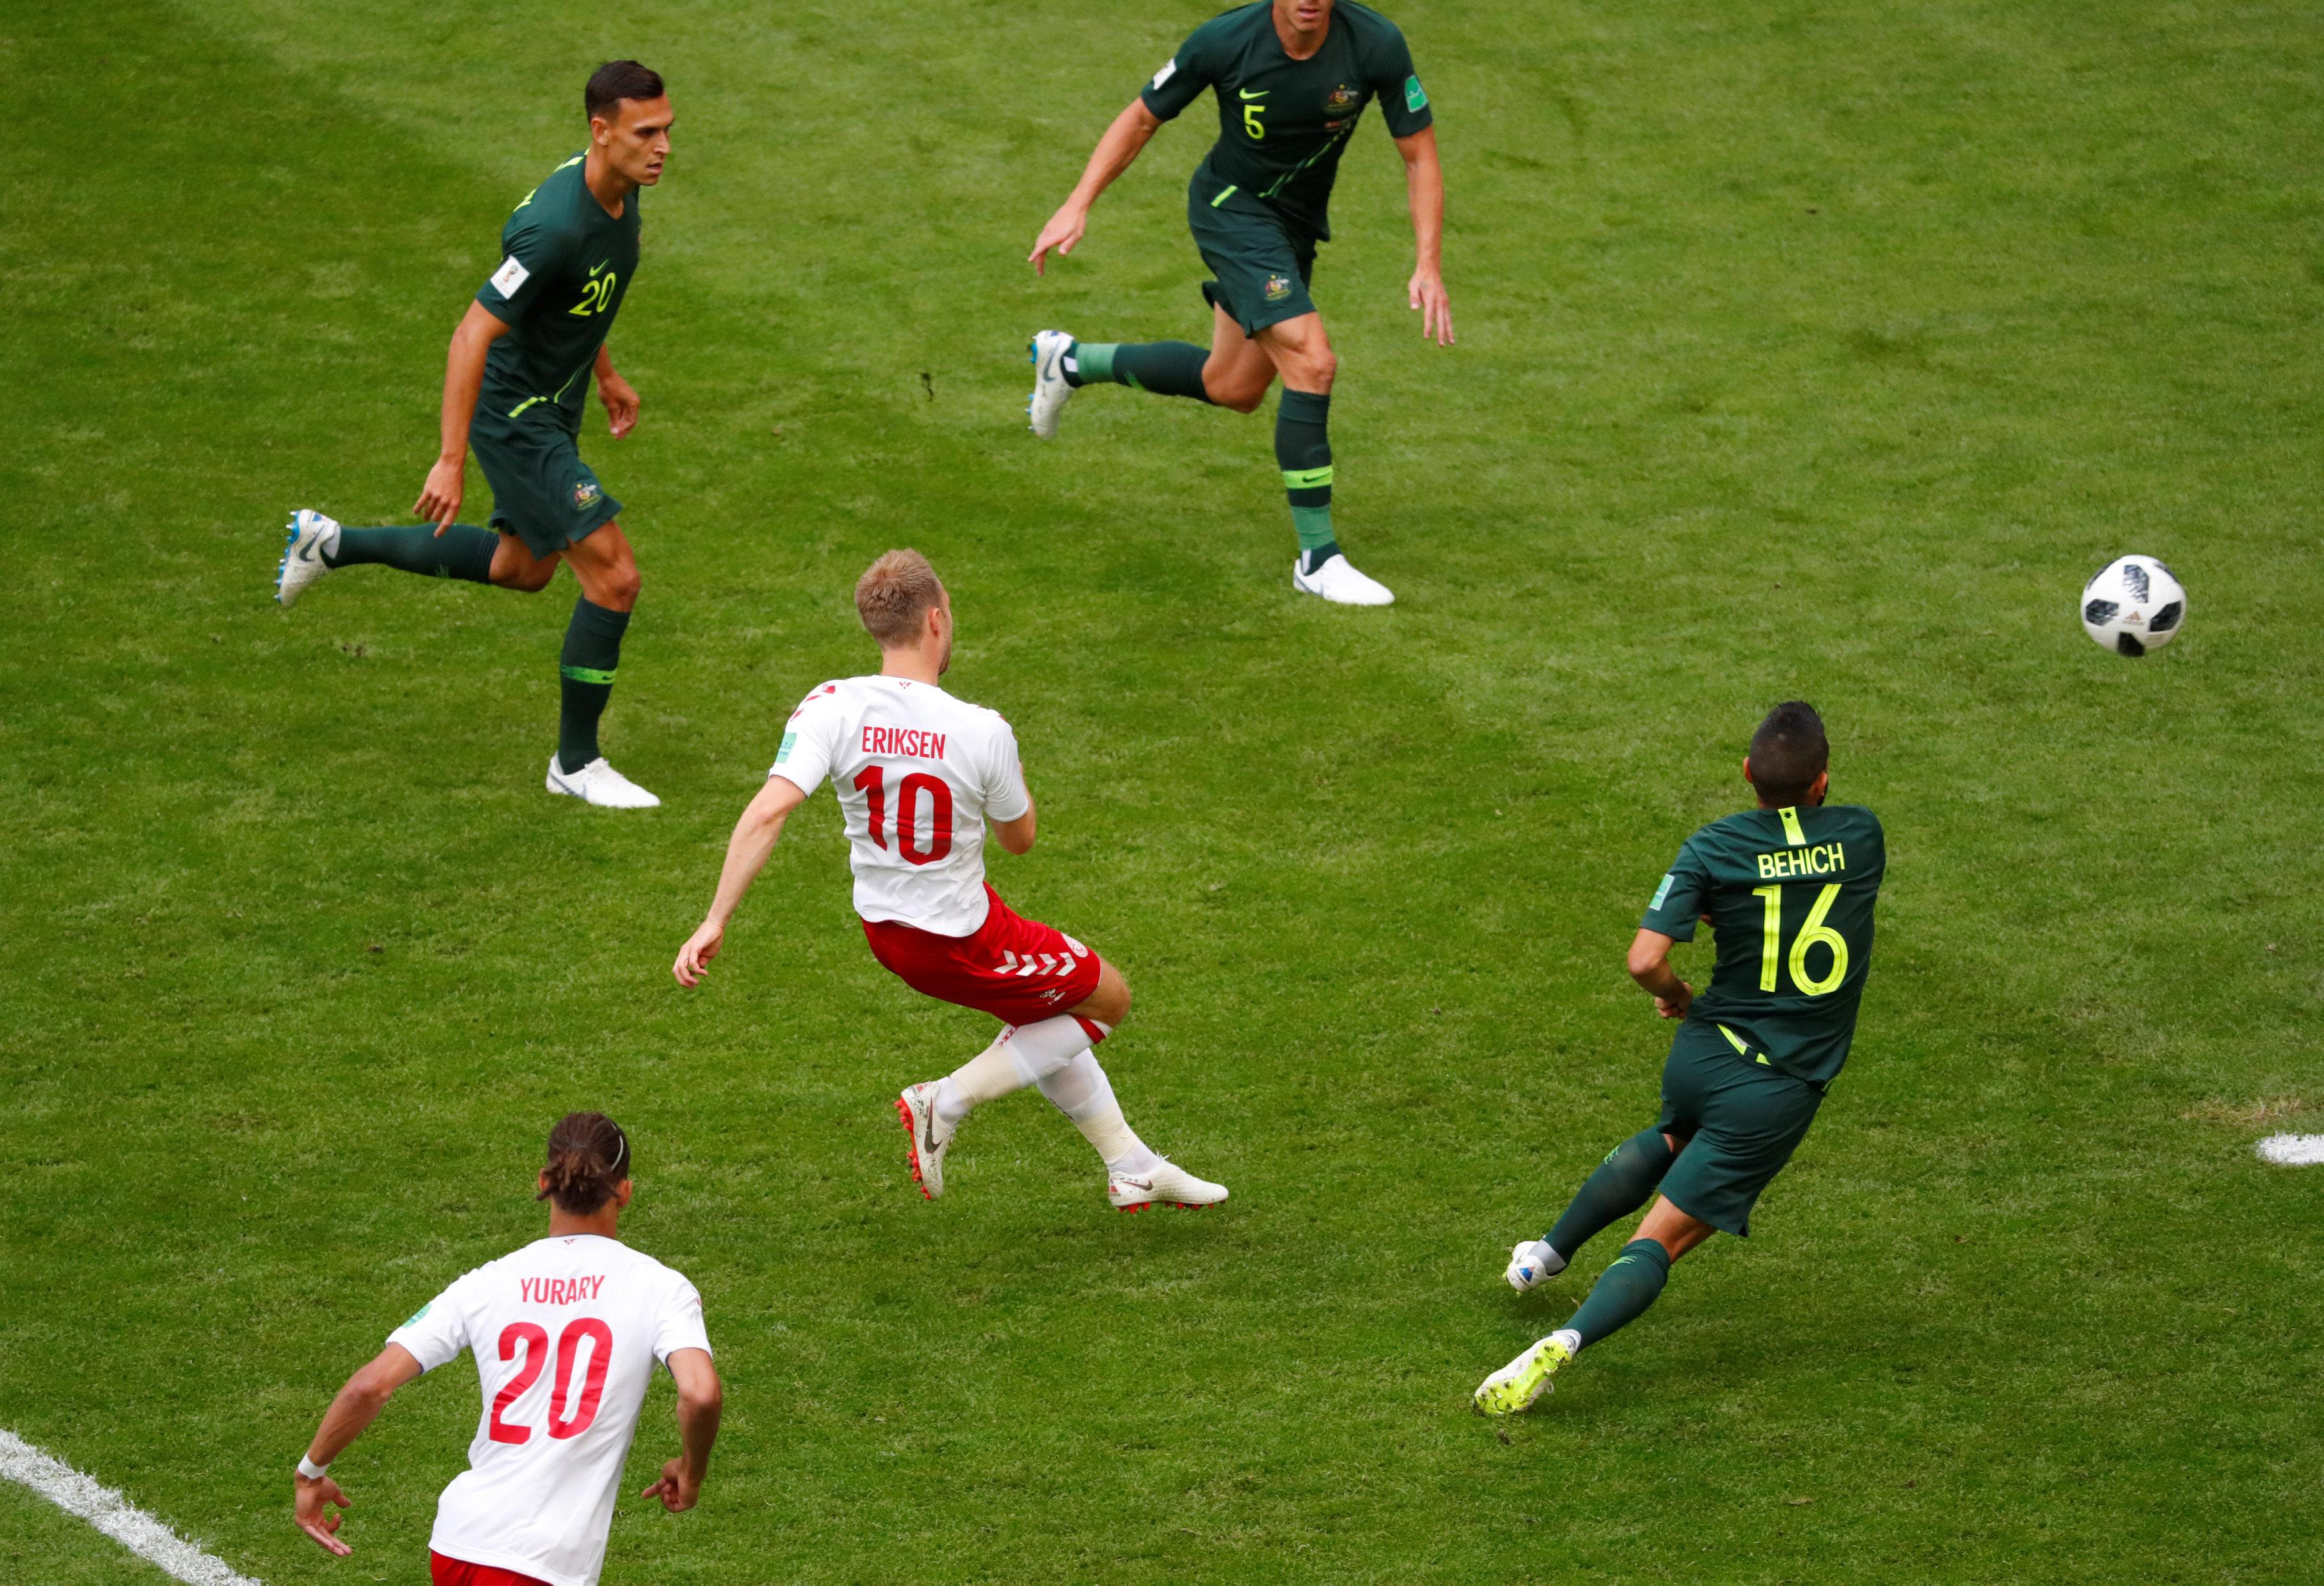 مباراة استراليا والدنمارك (12)